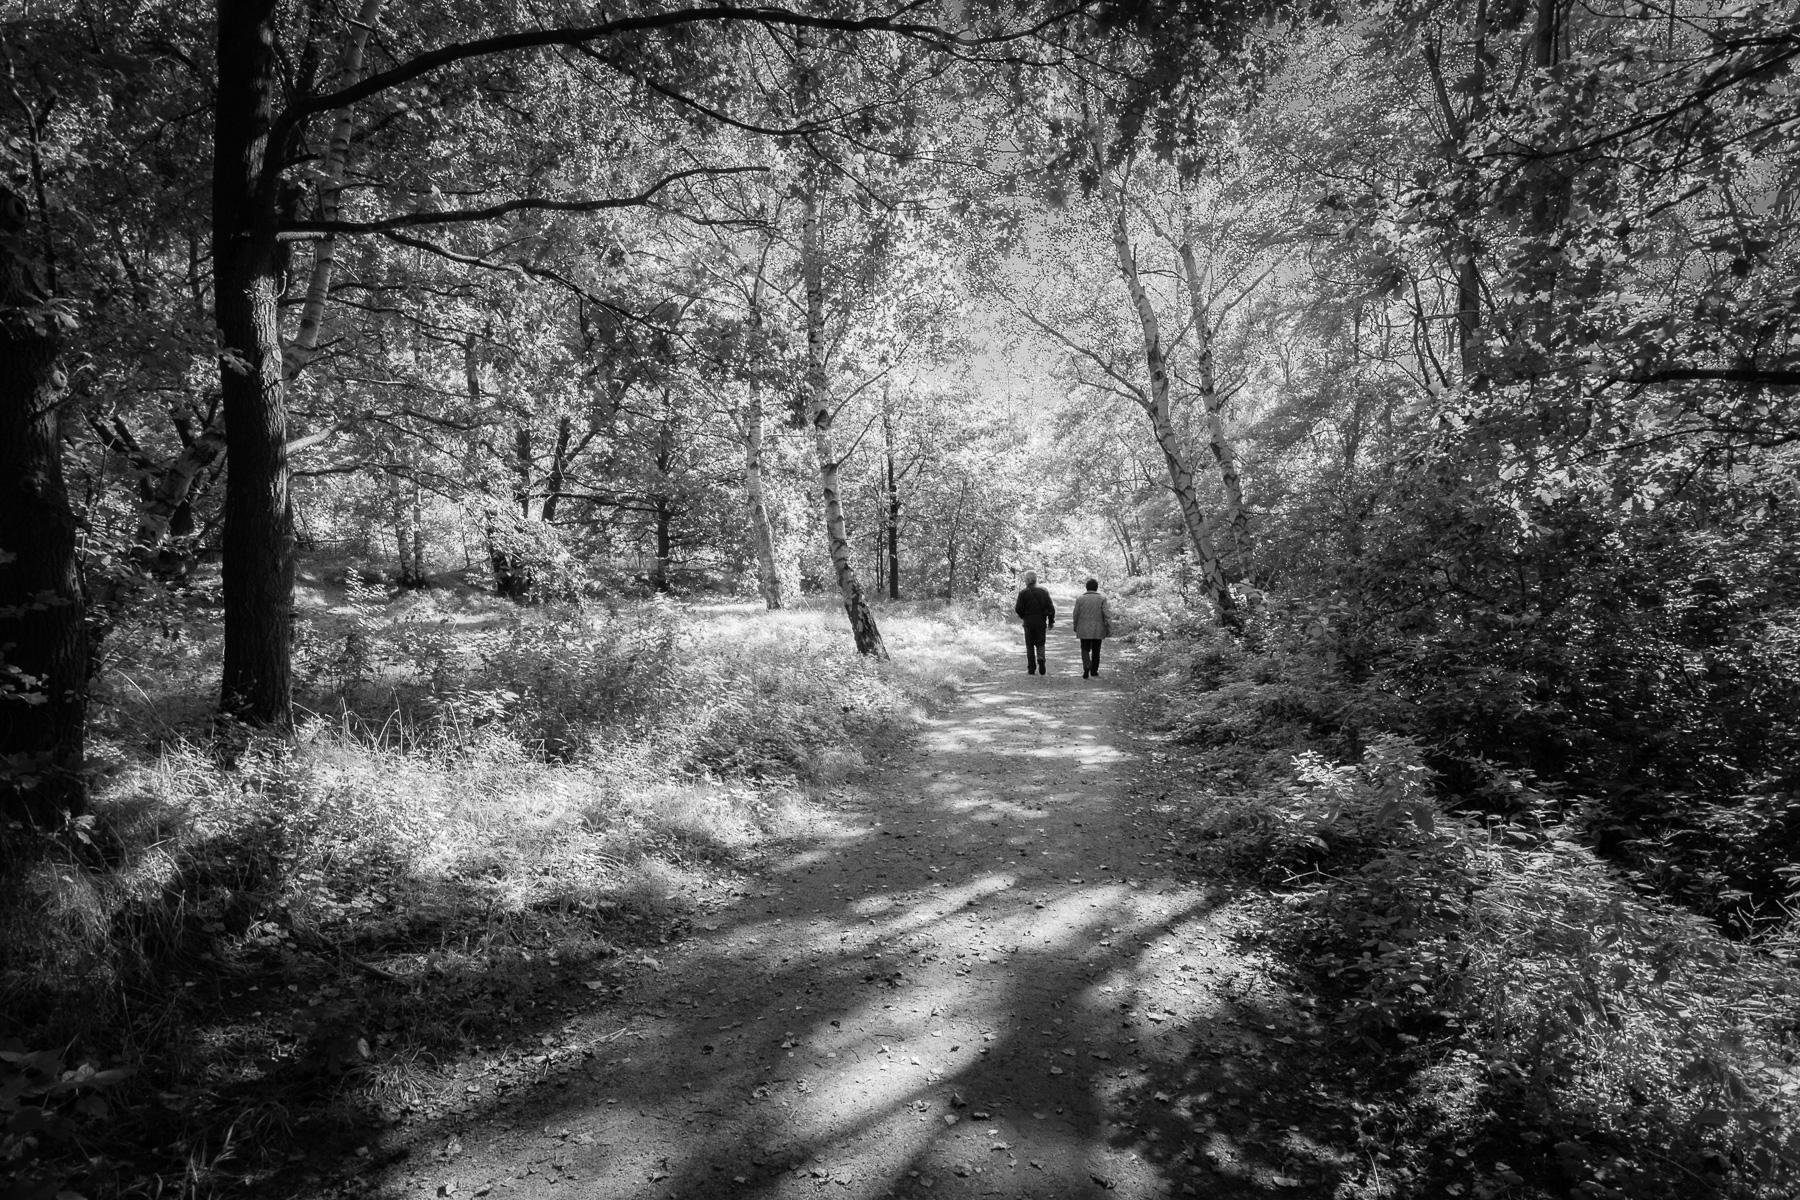 Paar im Wald, Schwarzweiß